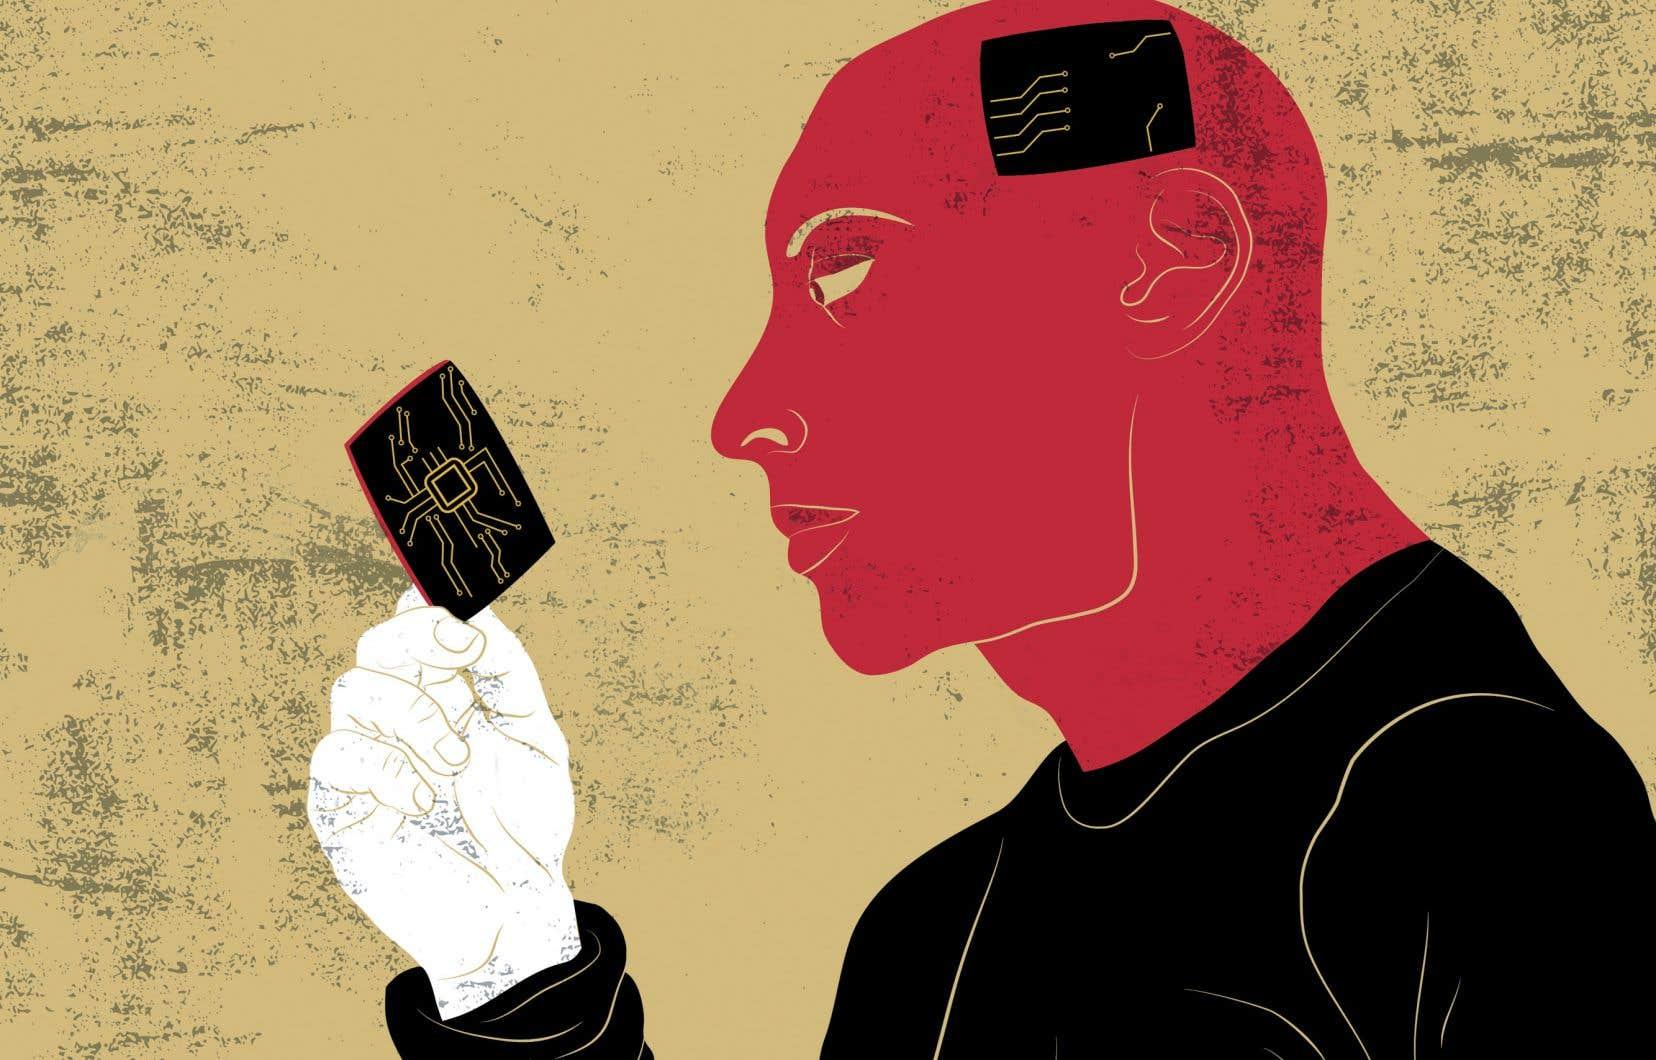 Qu'est-ce que l'IA? Une techno-idéologie, surtout, animée par une raison instrumentale extrême dont le propre est de nier l'humain et le réel.